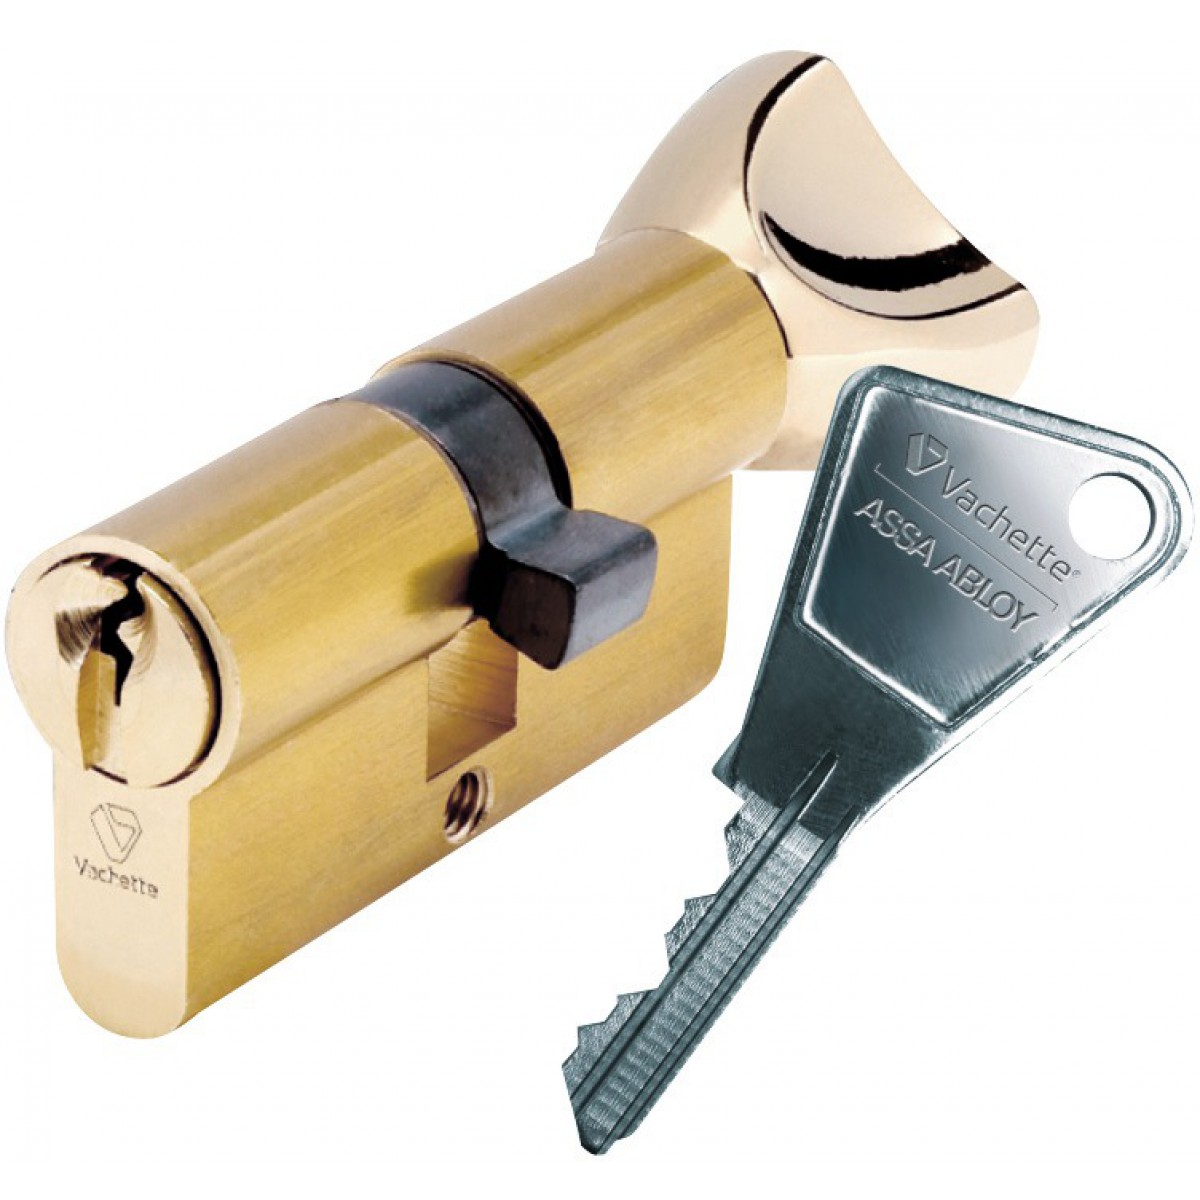 Cylindre de sureté à bouton V5 Vachette - Dimensions 30 x 30 mm - Laiton poli